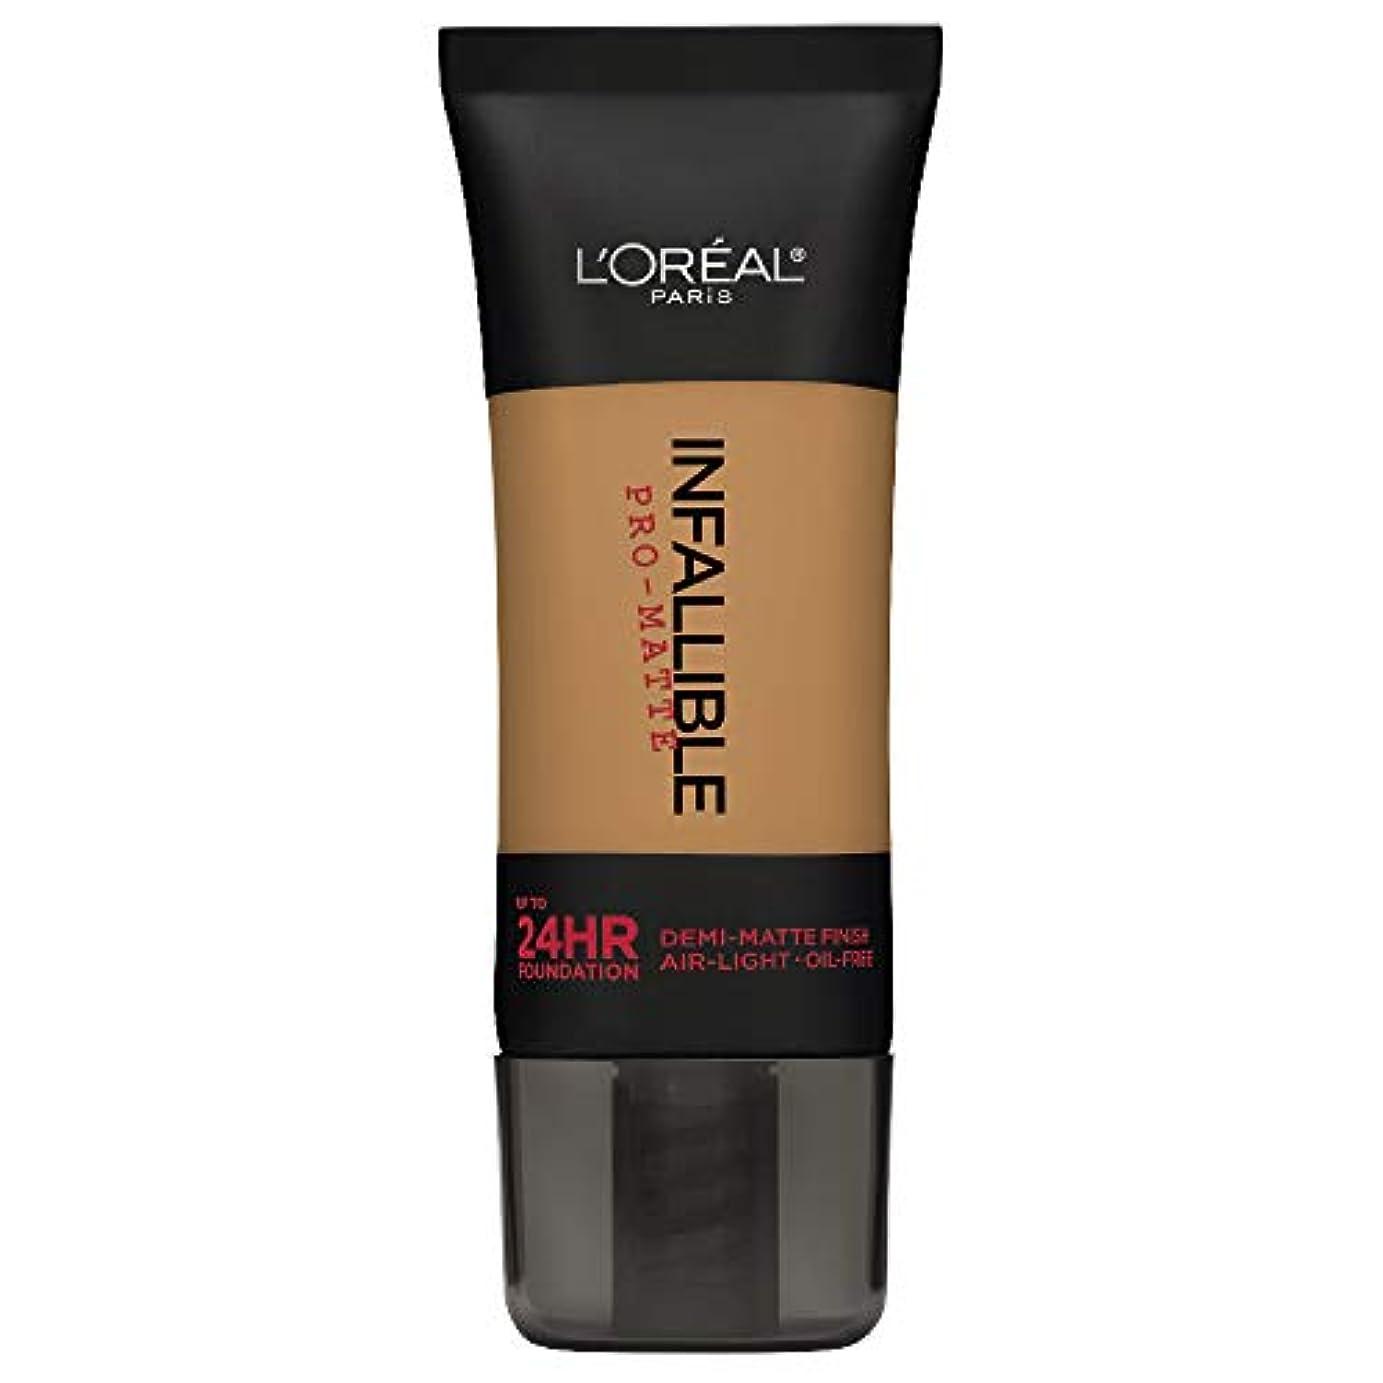 全能削除するクリーナーL'Oreal Paris Infallible Pro-Matte Foundation Makeup, 108 Caramel Beige, 1 fl. oz[並行輸入品]